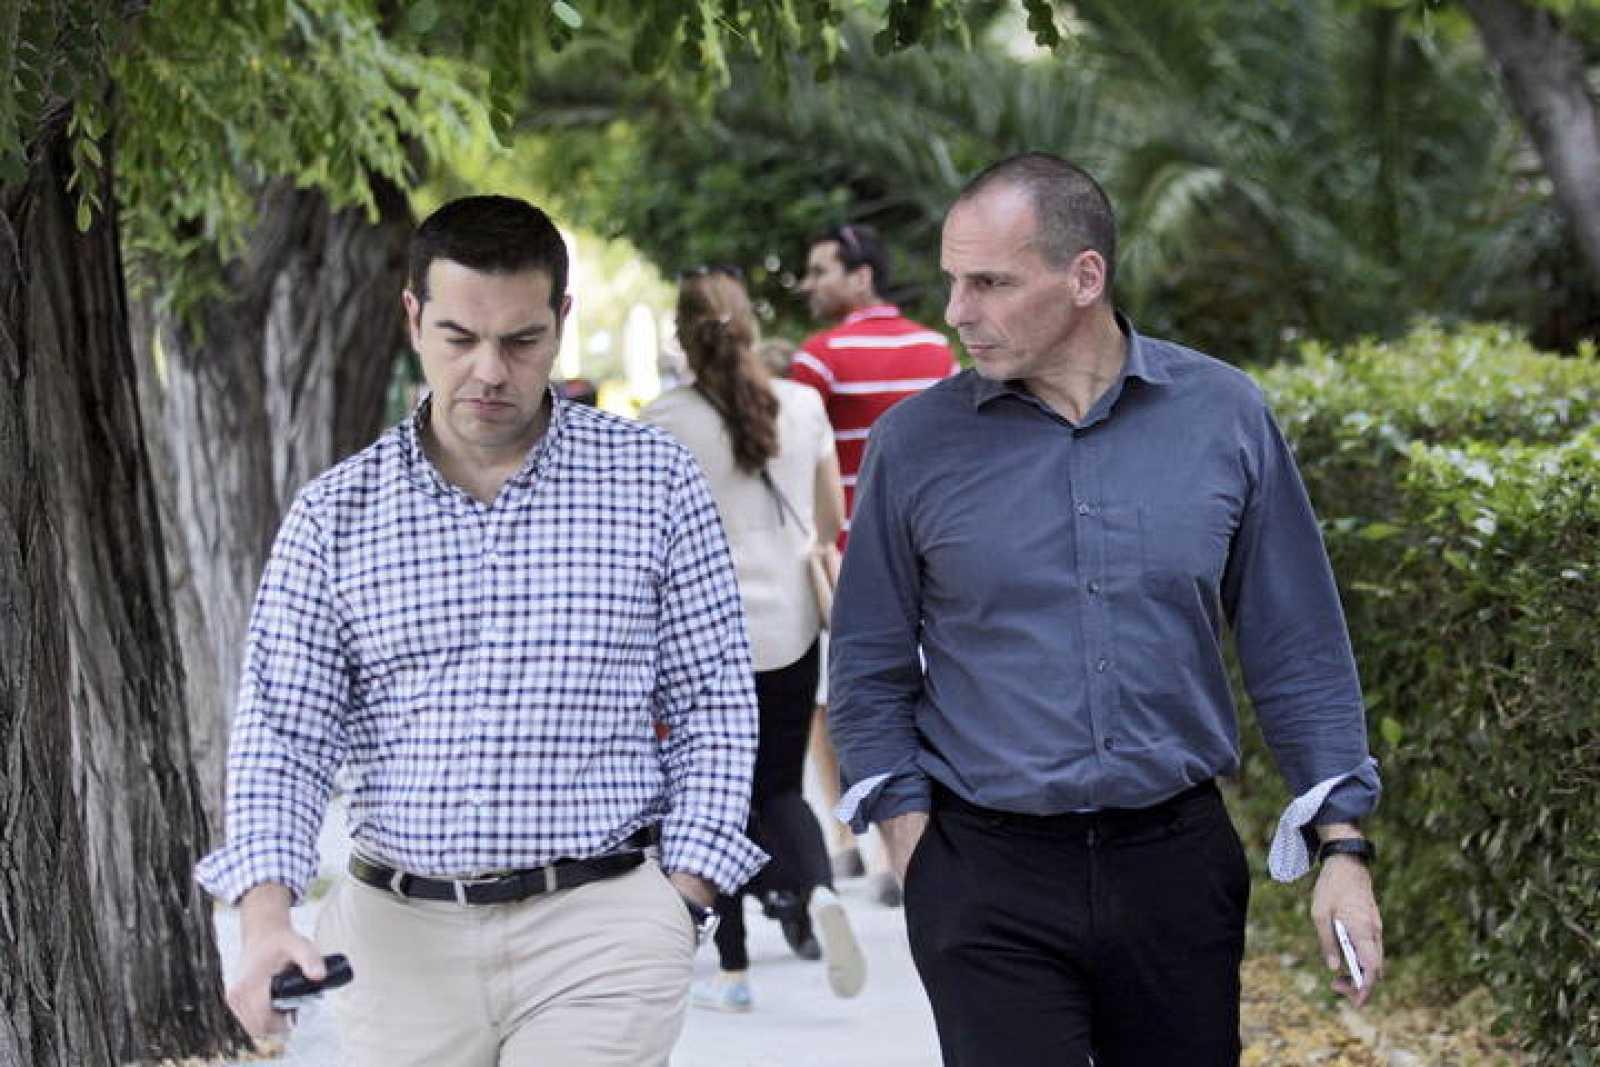 El primer ministro griego, Alexis Tsipras, y el ministro de Finanzas, Yanis Varufakis, en una imagen de archivo.